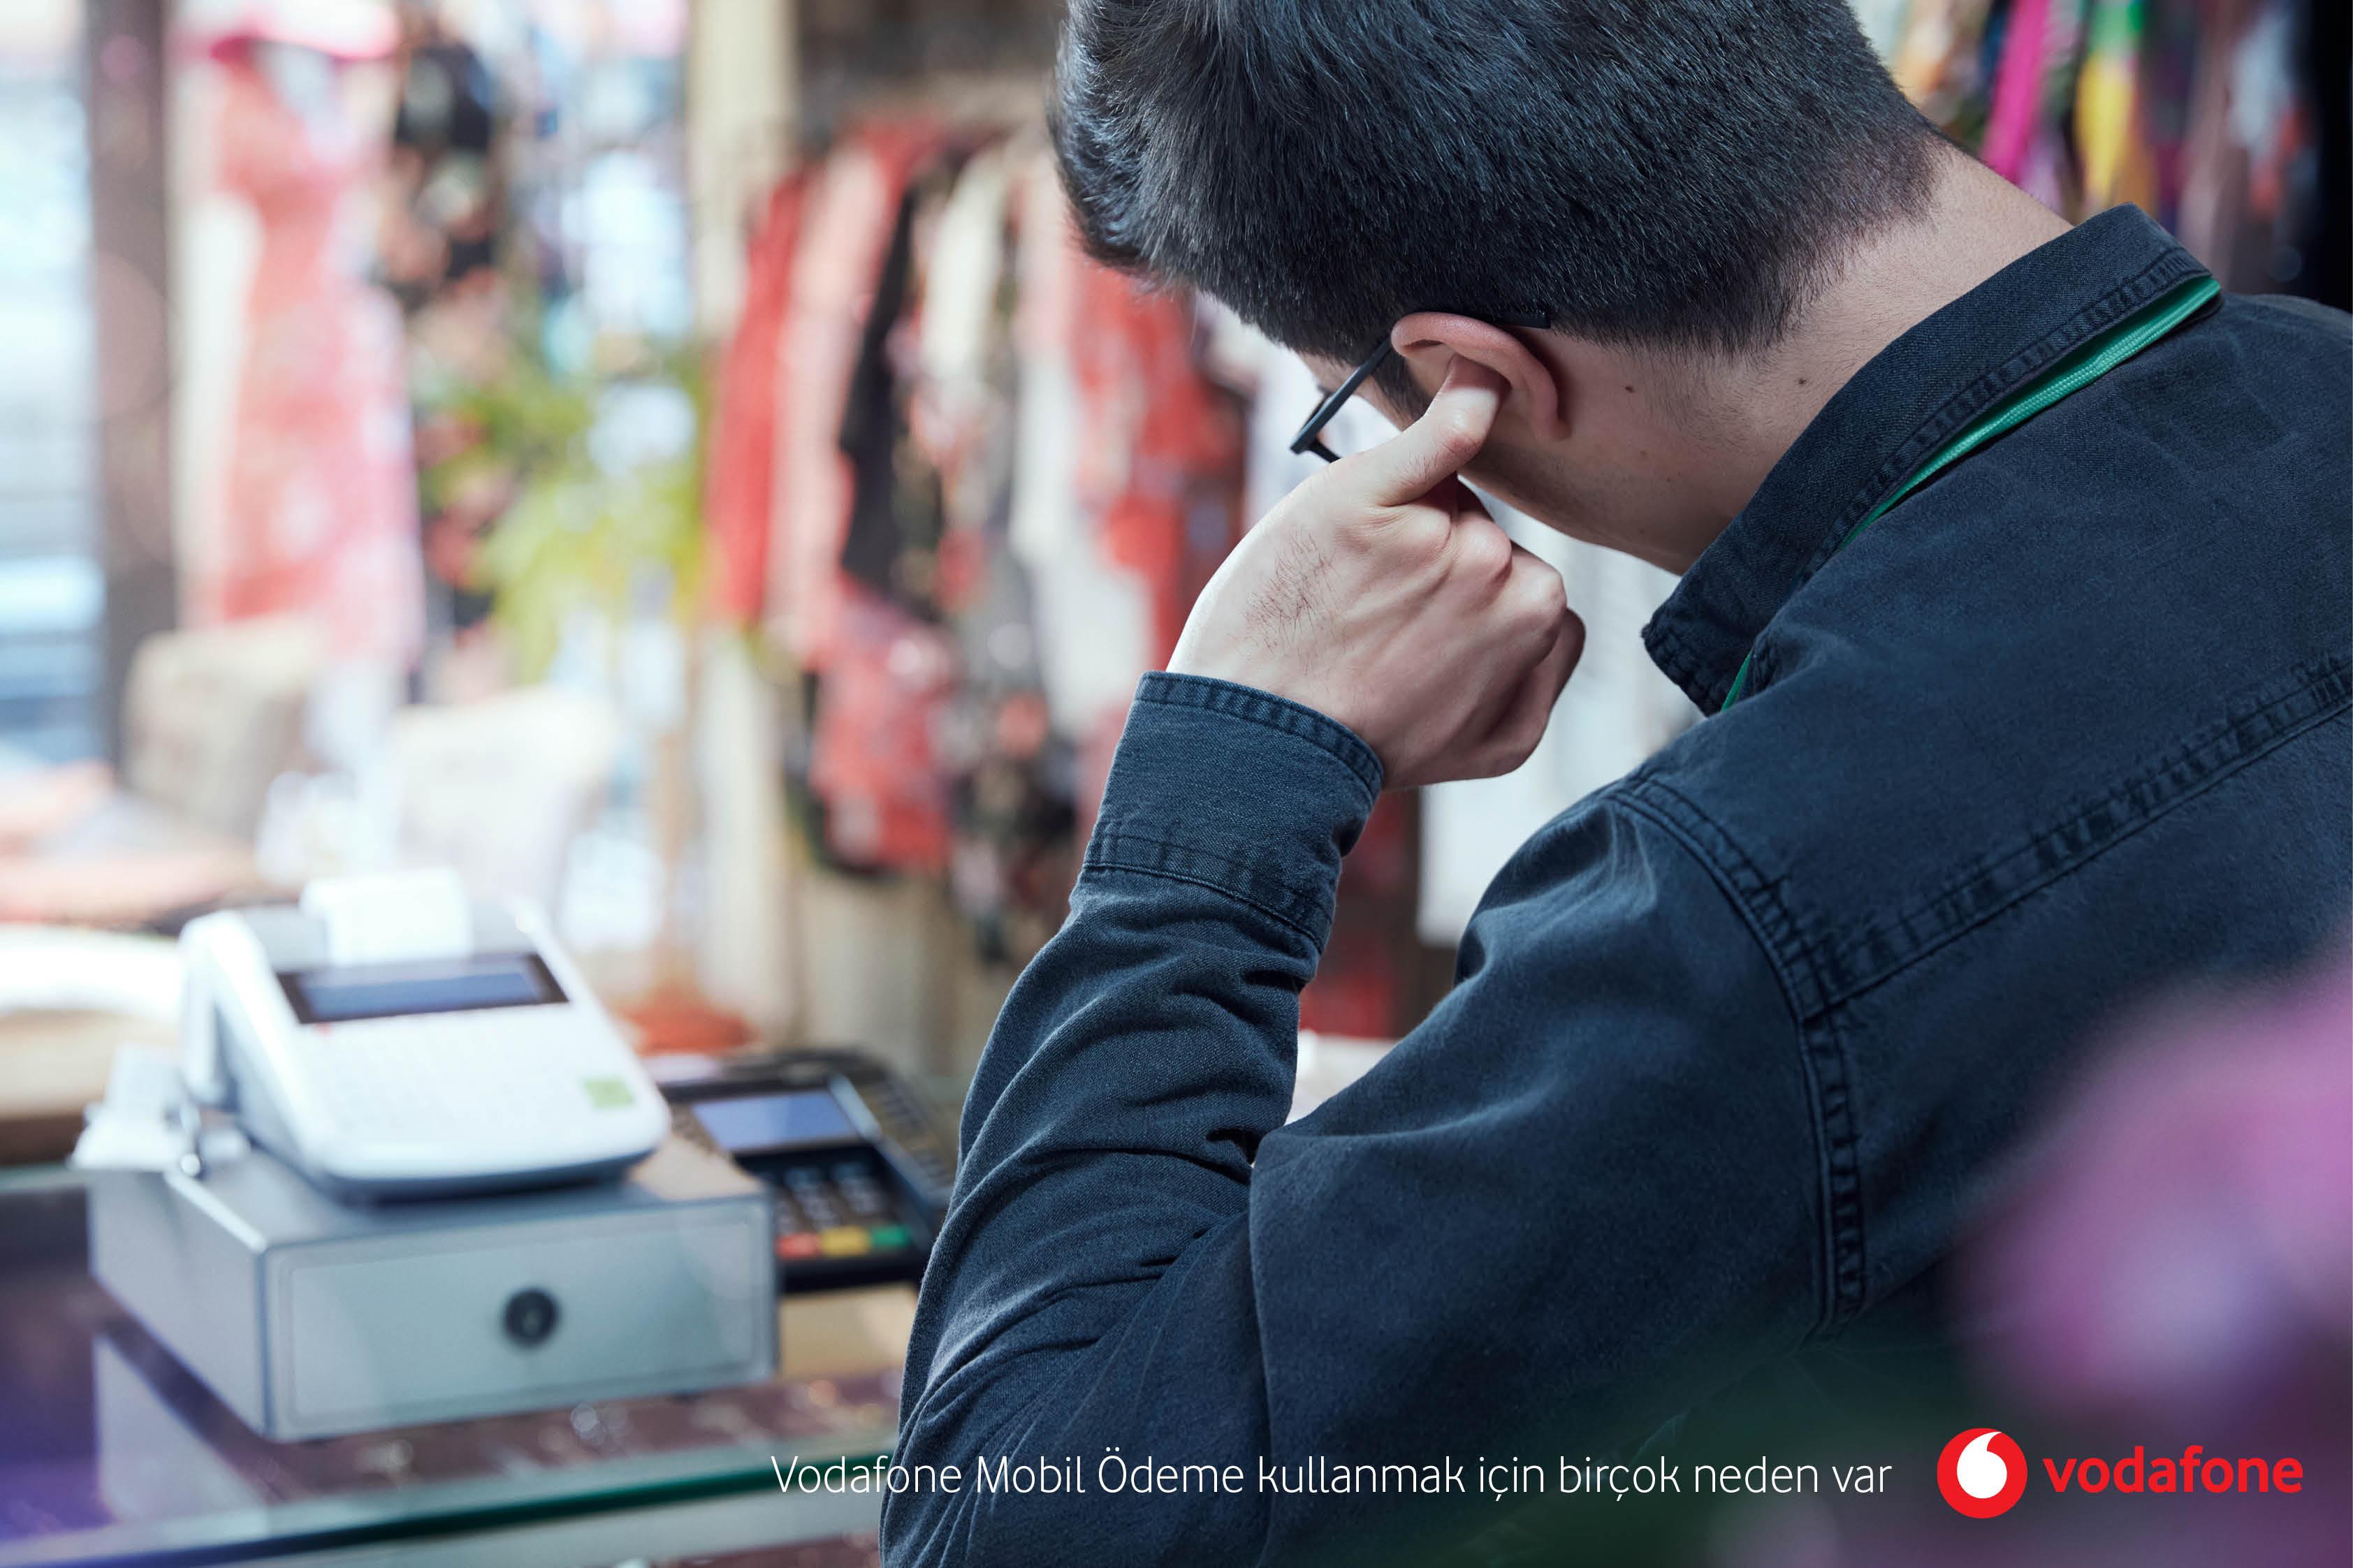 Vodafone-Mobil-Ödeme-Kulak-türkiyenin-reklamları